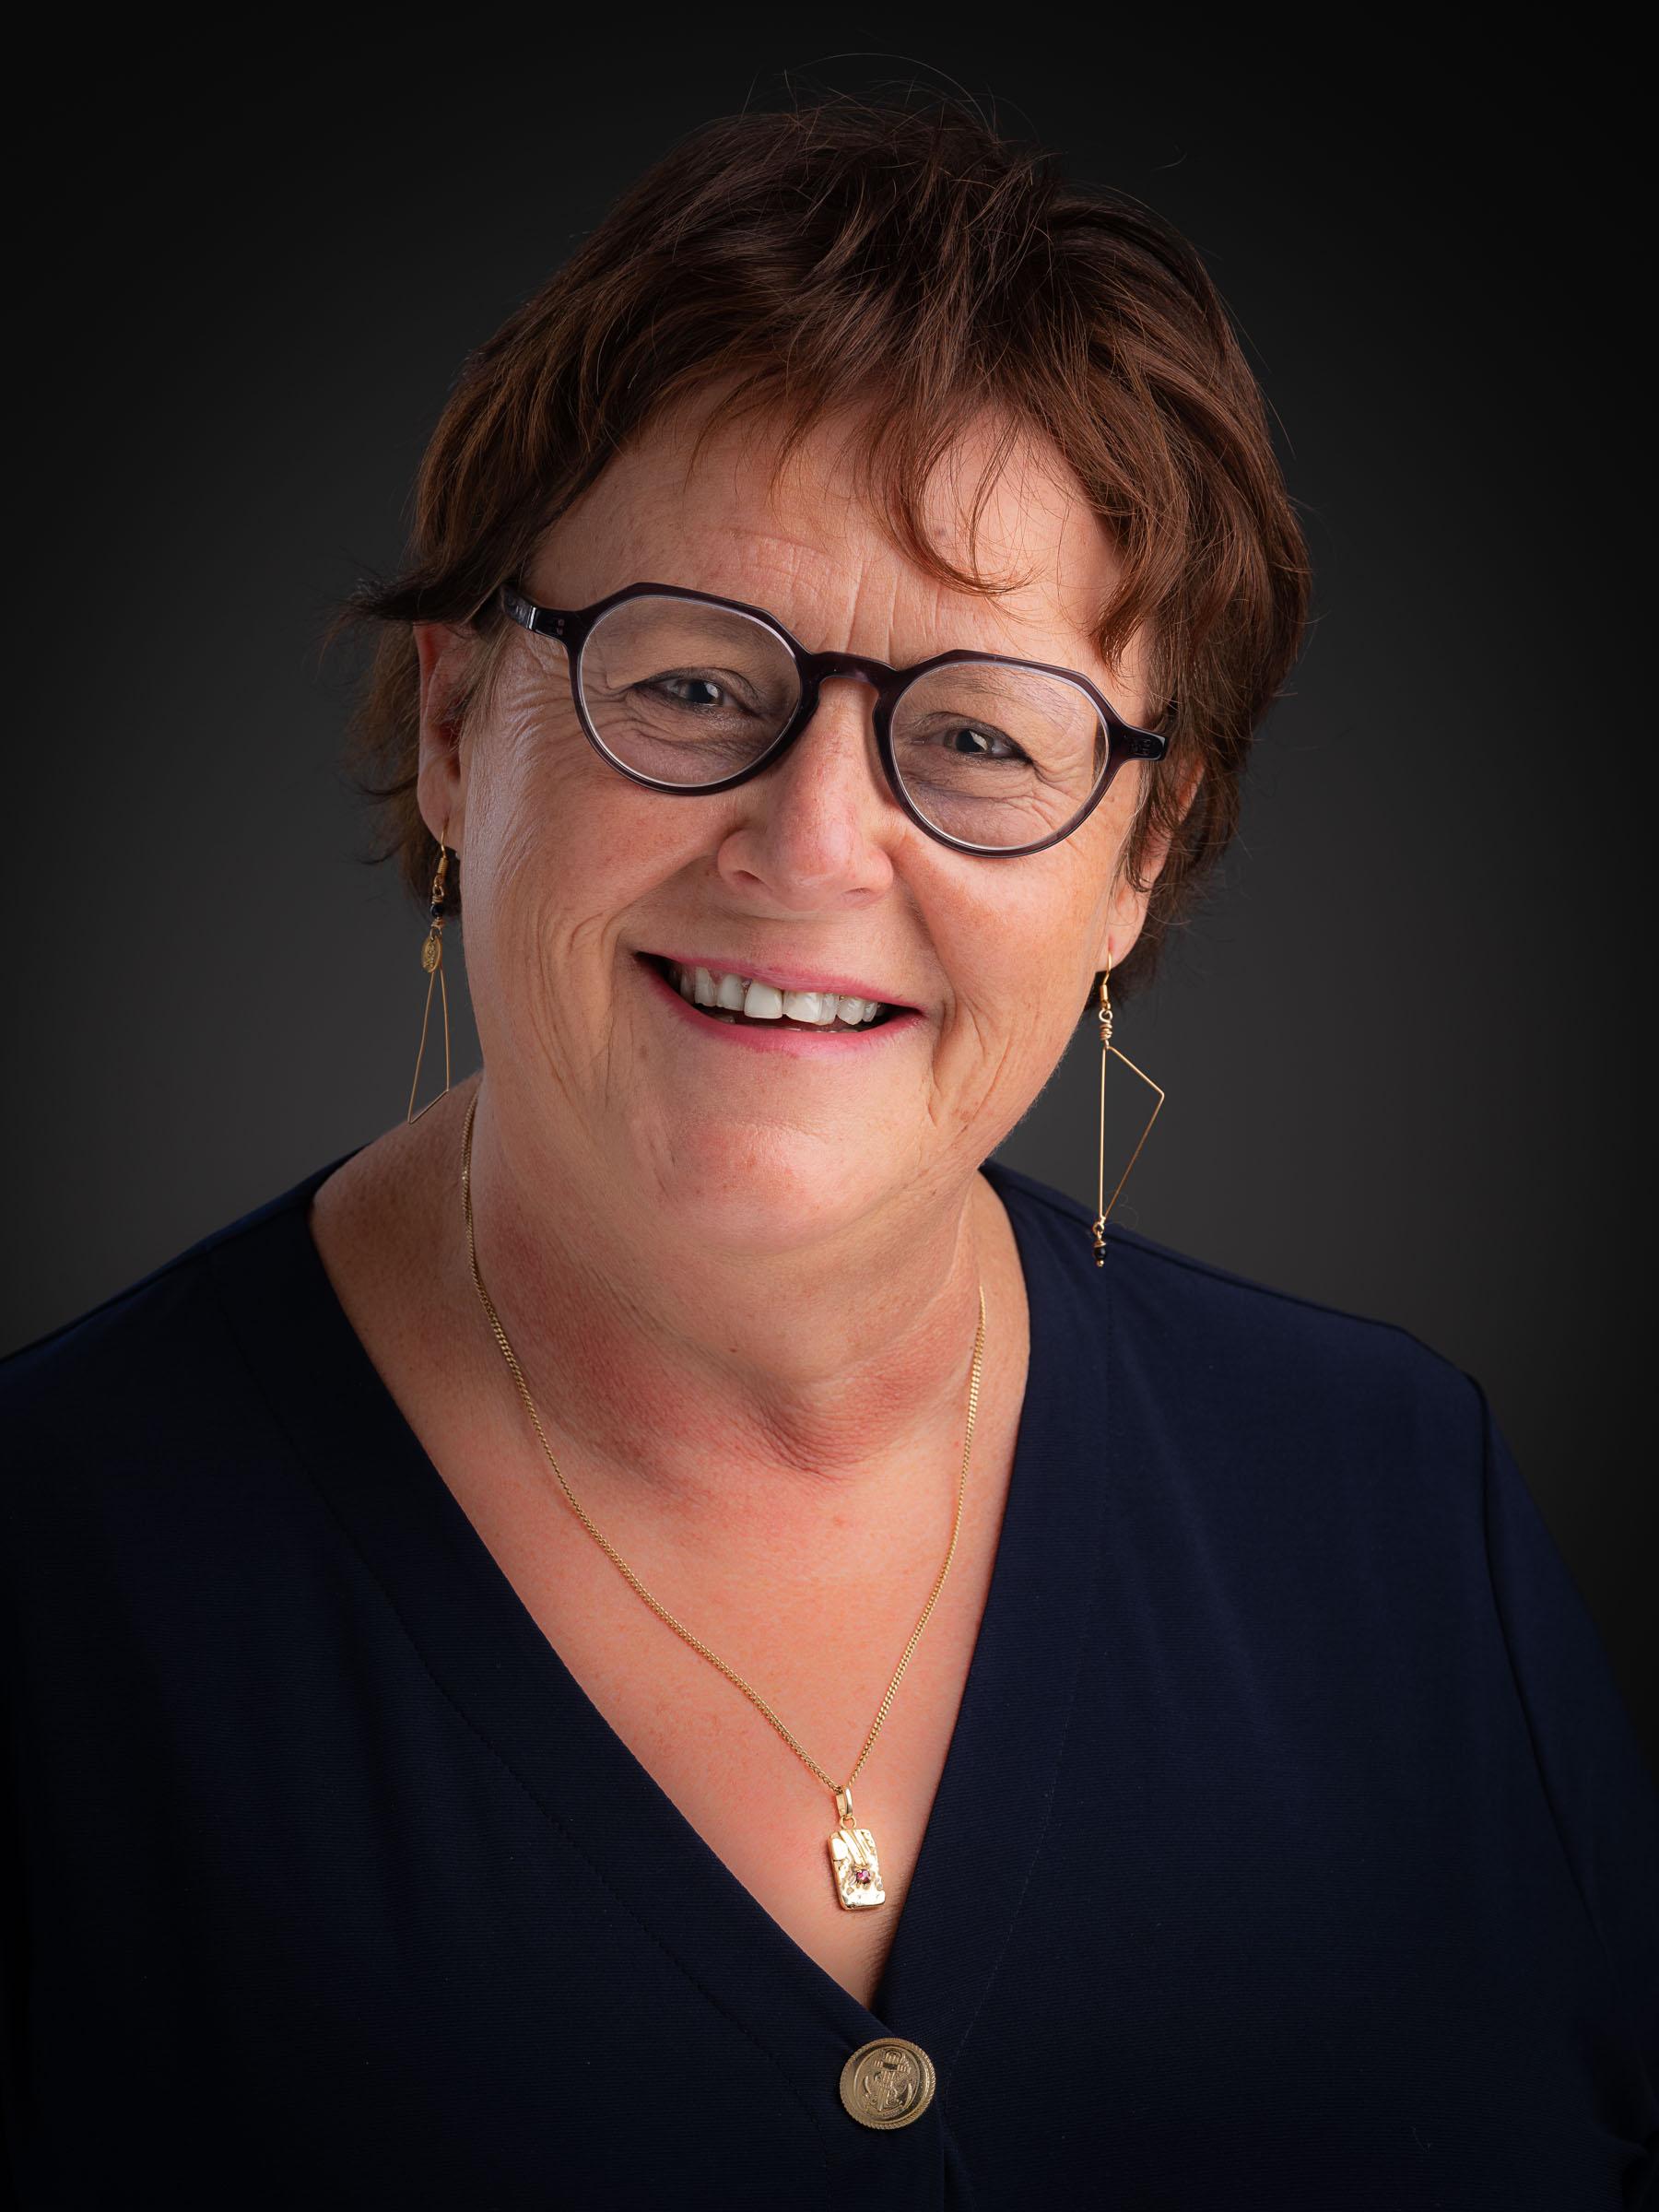 Karen Van den Broeck